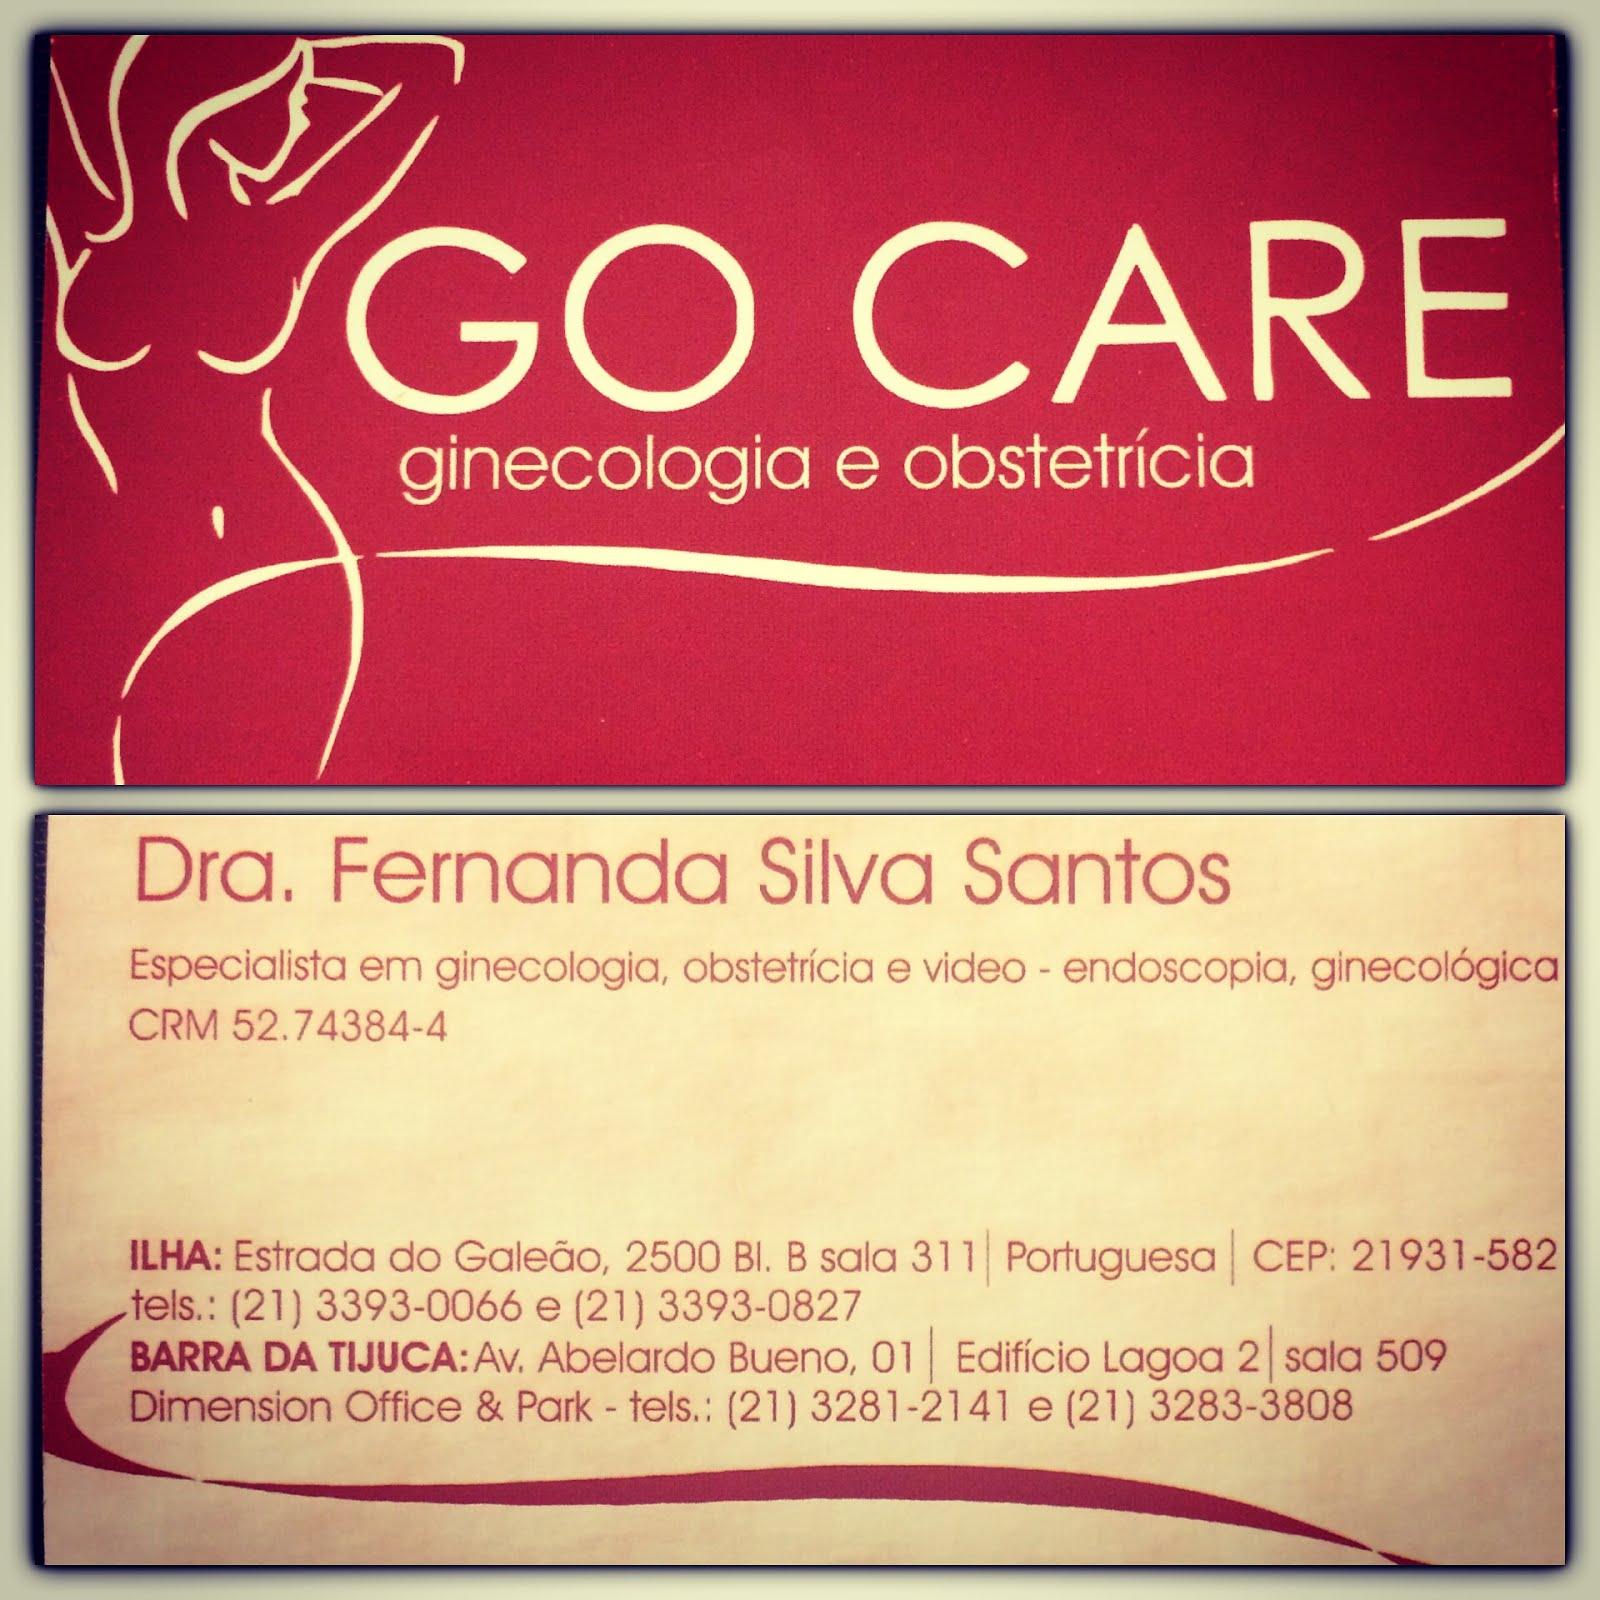 Dra. Fernanda Silva Santos